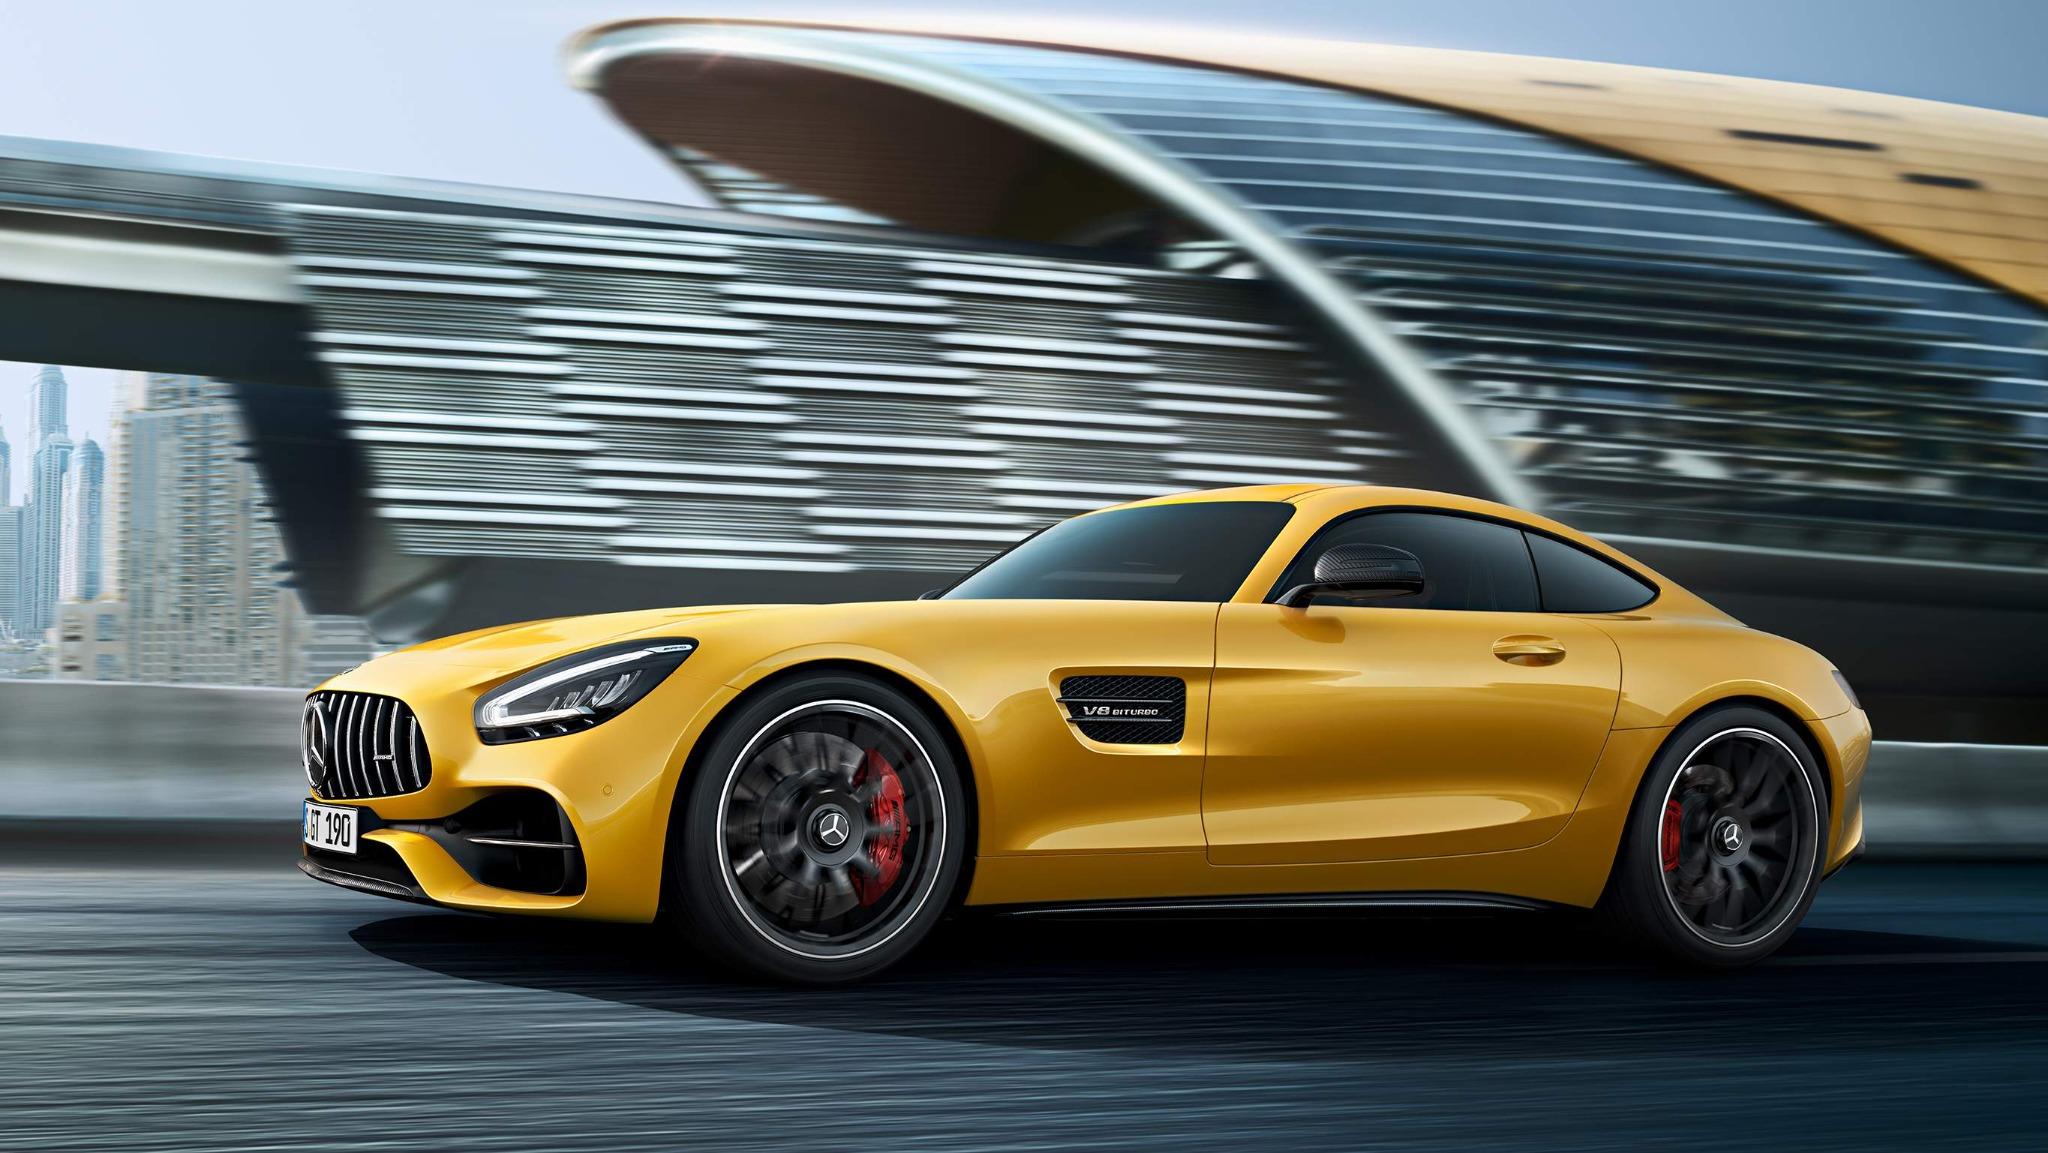 Mercedes-AMG GT Coupés